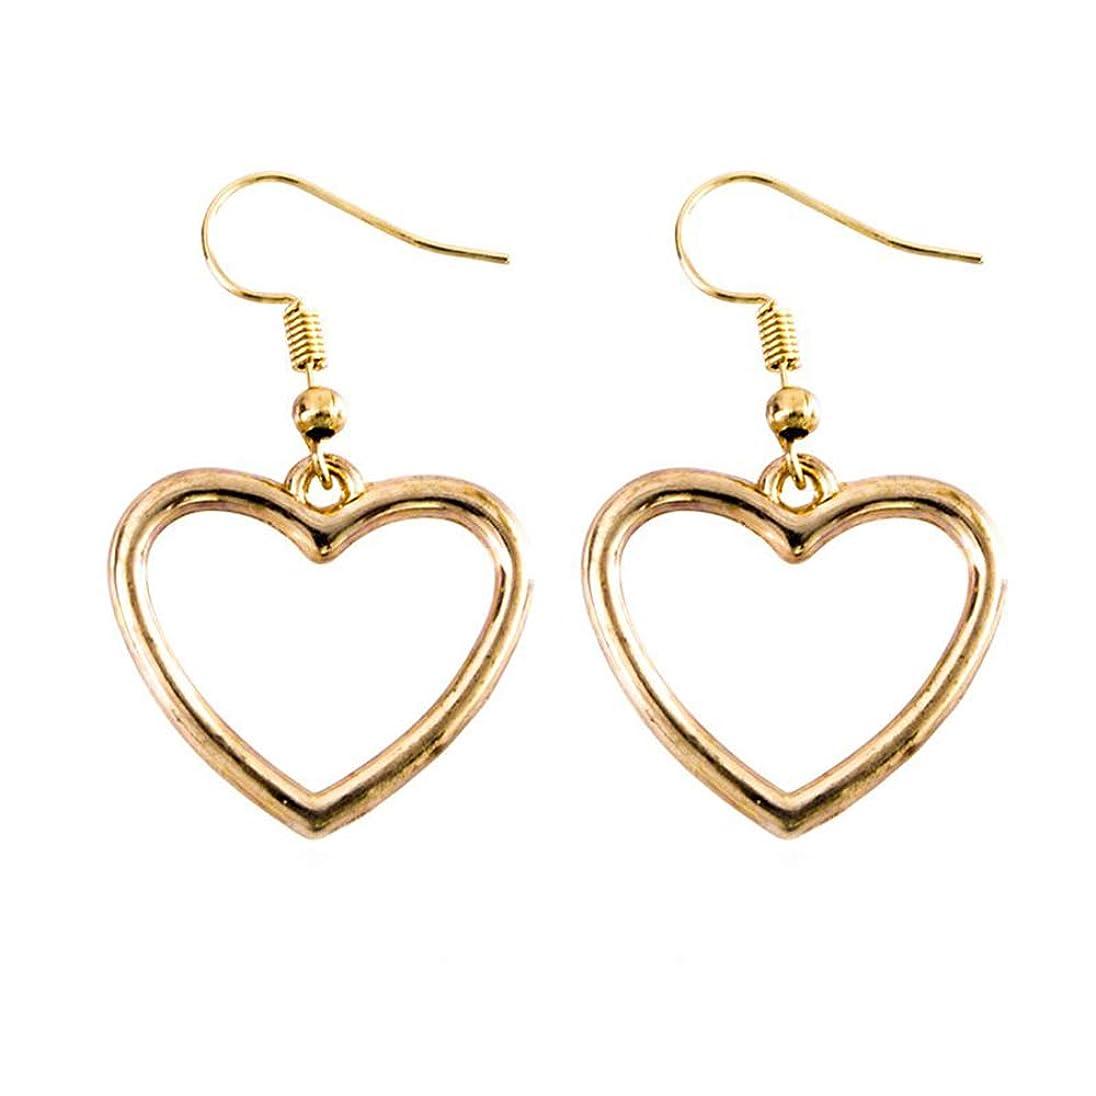 急降下促すアブセイOnior 幾何学的な、ハート型、甘い、黄金の愛のイヤリングを切り取ります。クリエイティブで便利